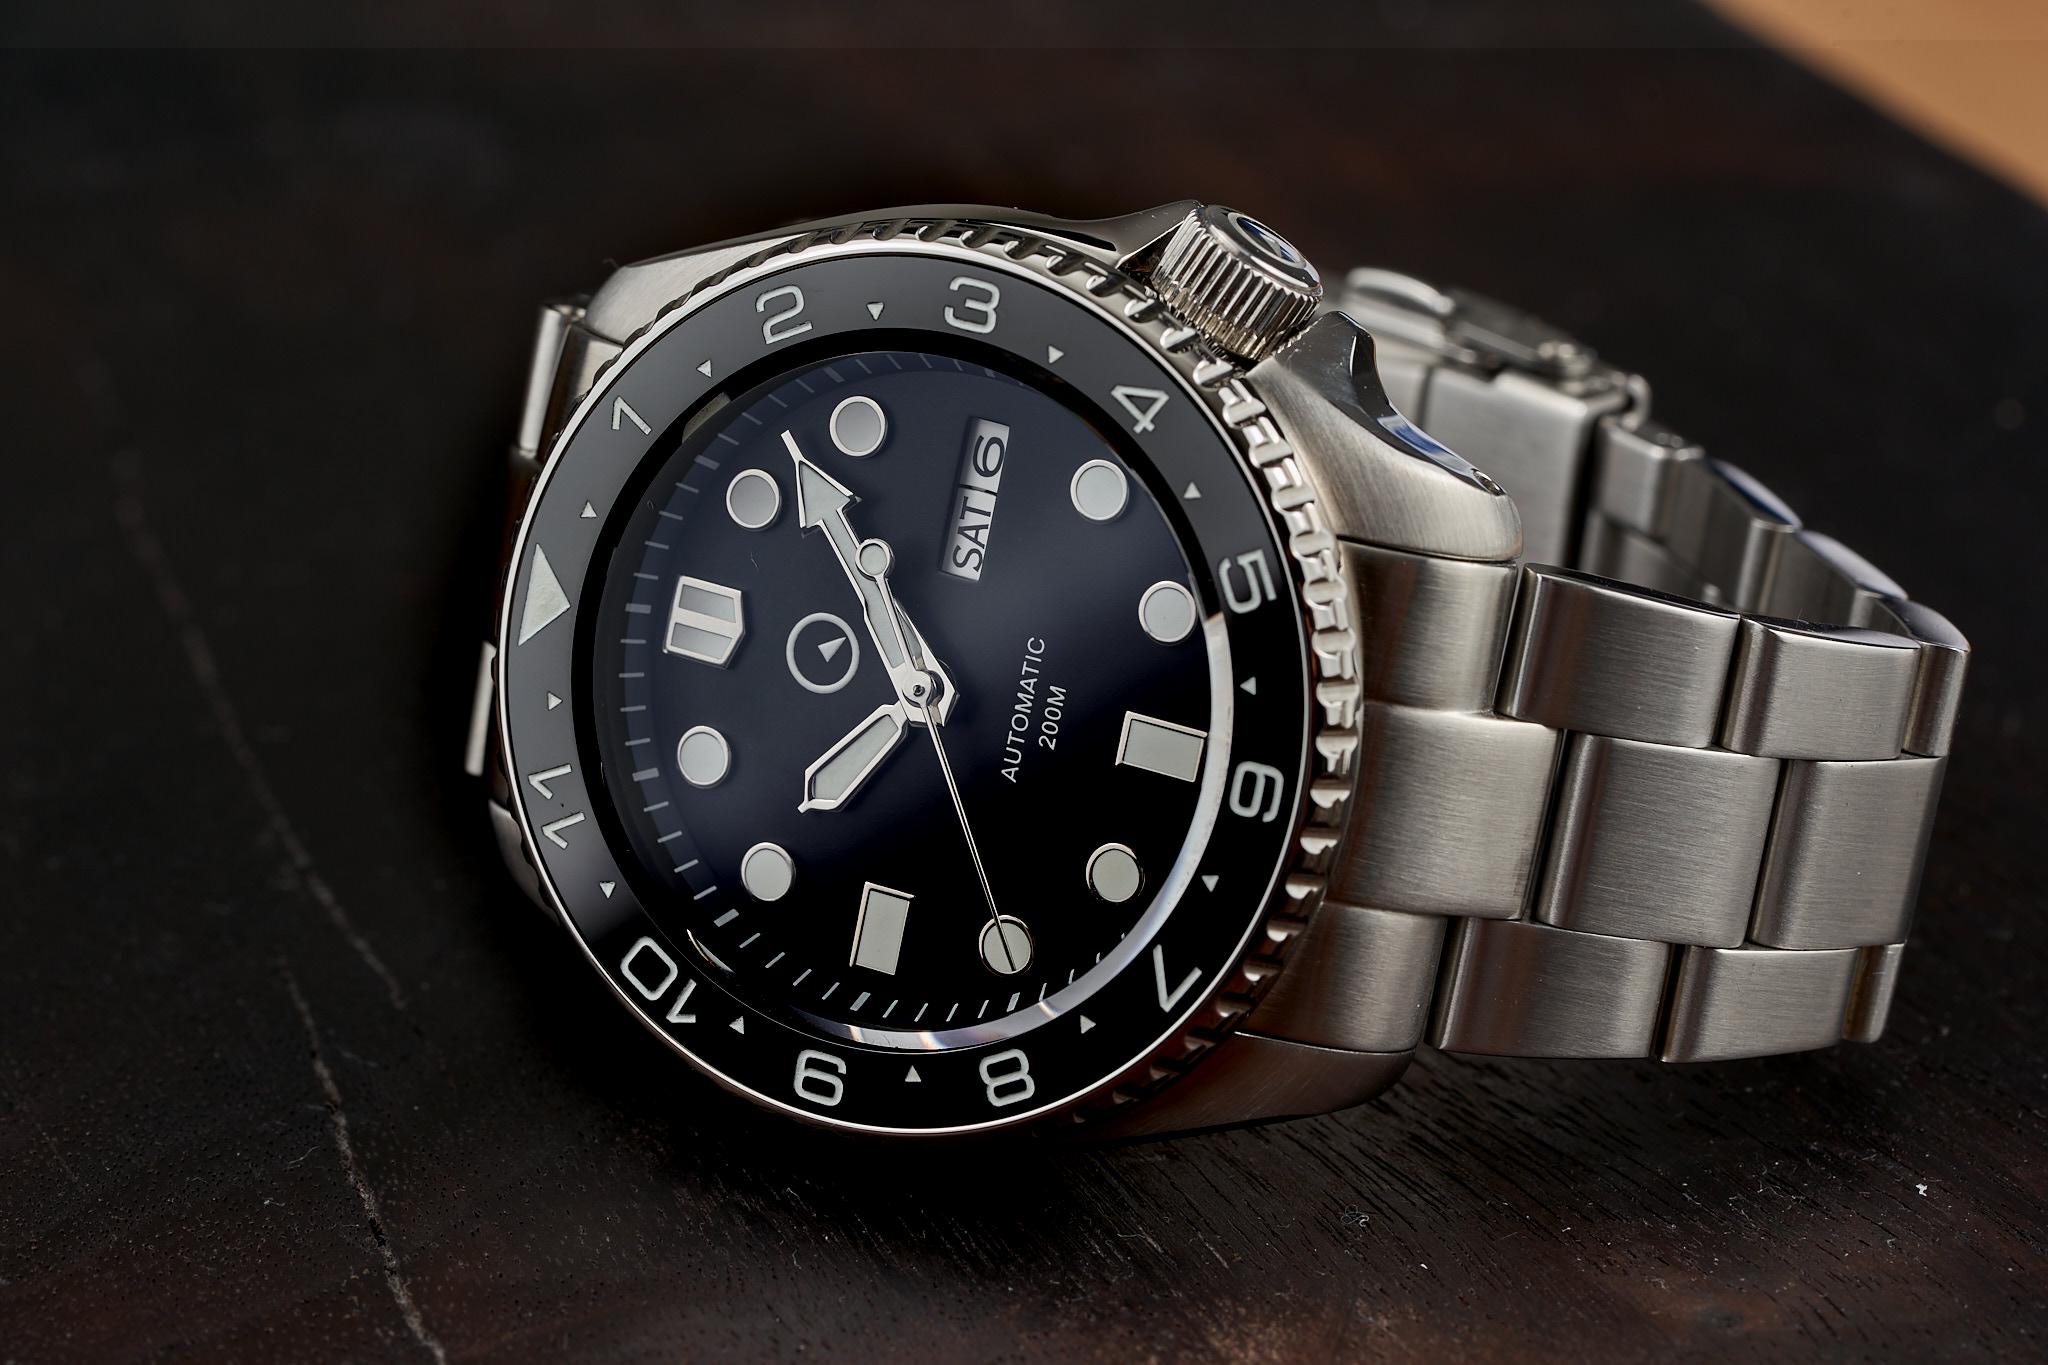 Islander-Watch-ISL-01-Long-Island-Watch-1